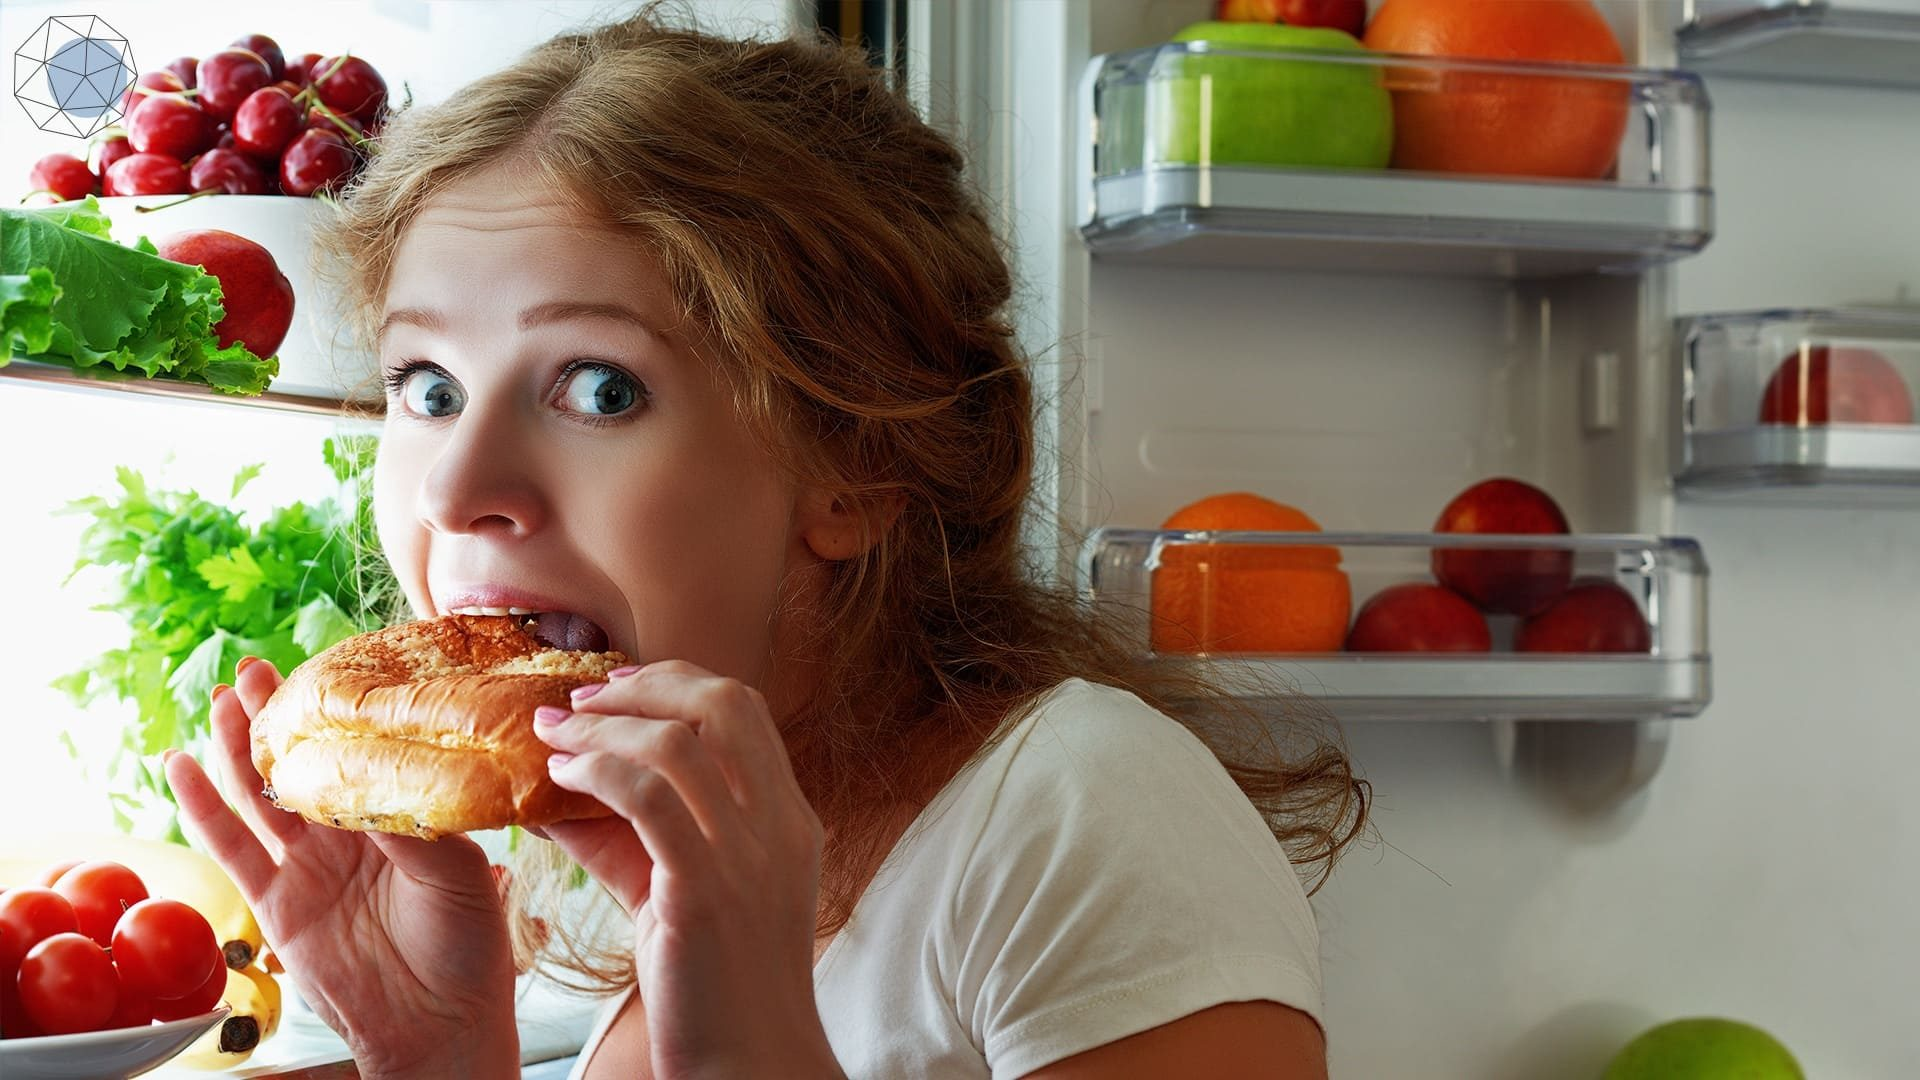 หิวตอนกลางคืน Night Eating Syndrome